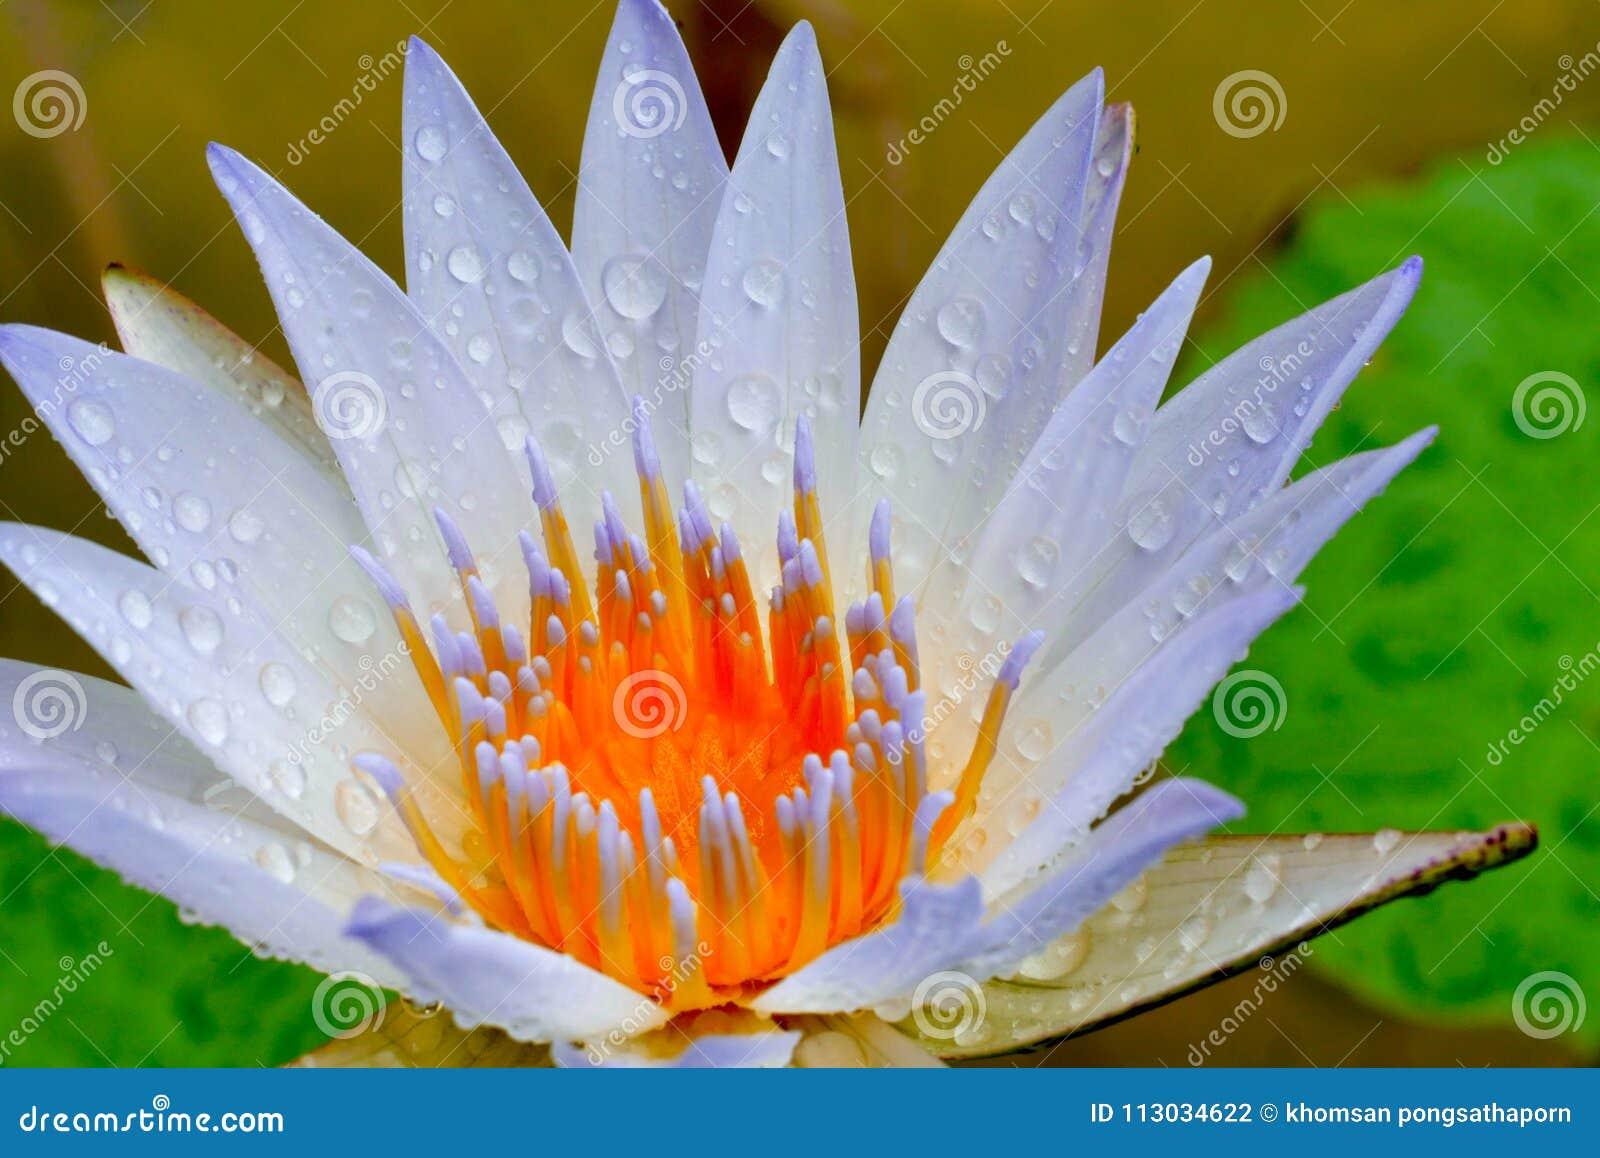 El loto floreció otra vez después de recibir el agua de lluvia, que estornudan naturalmente El resultado es hermoso otra vez